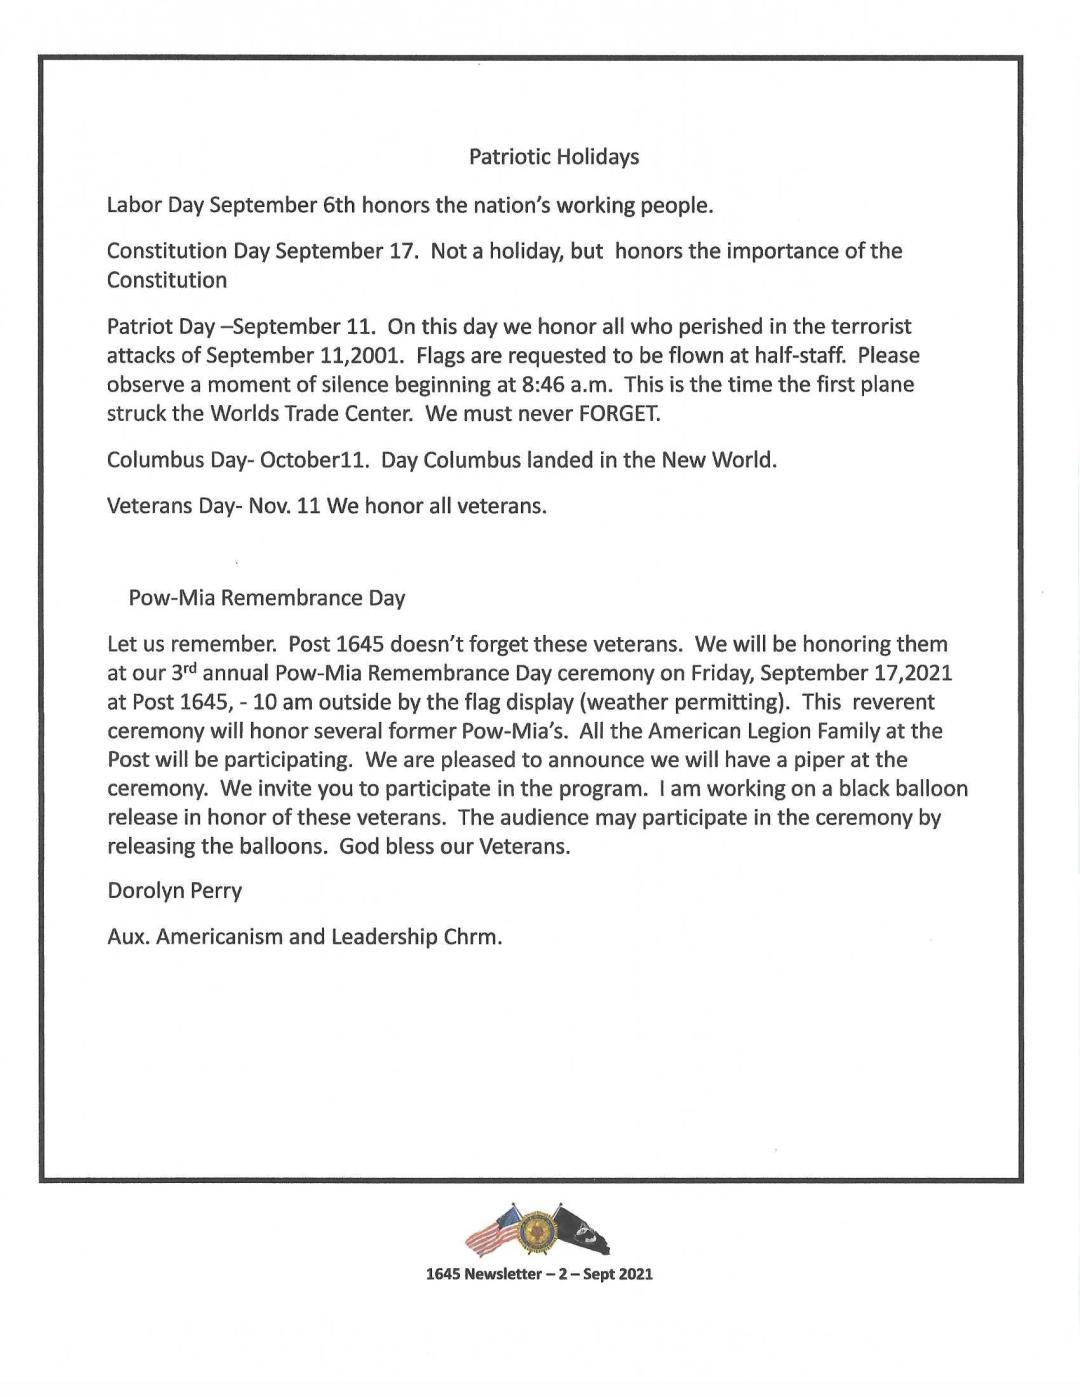 09 Sept Newsletter 0002 - Newsletter